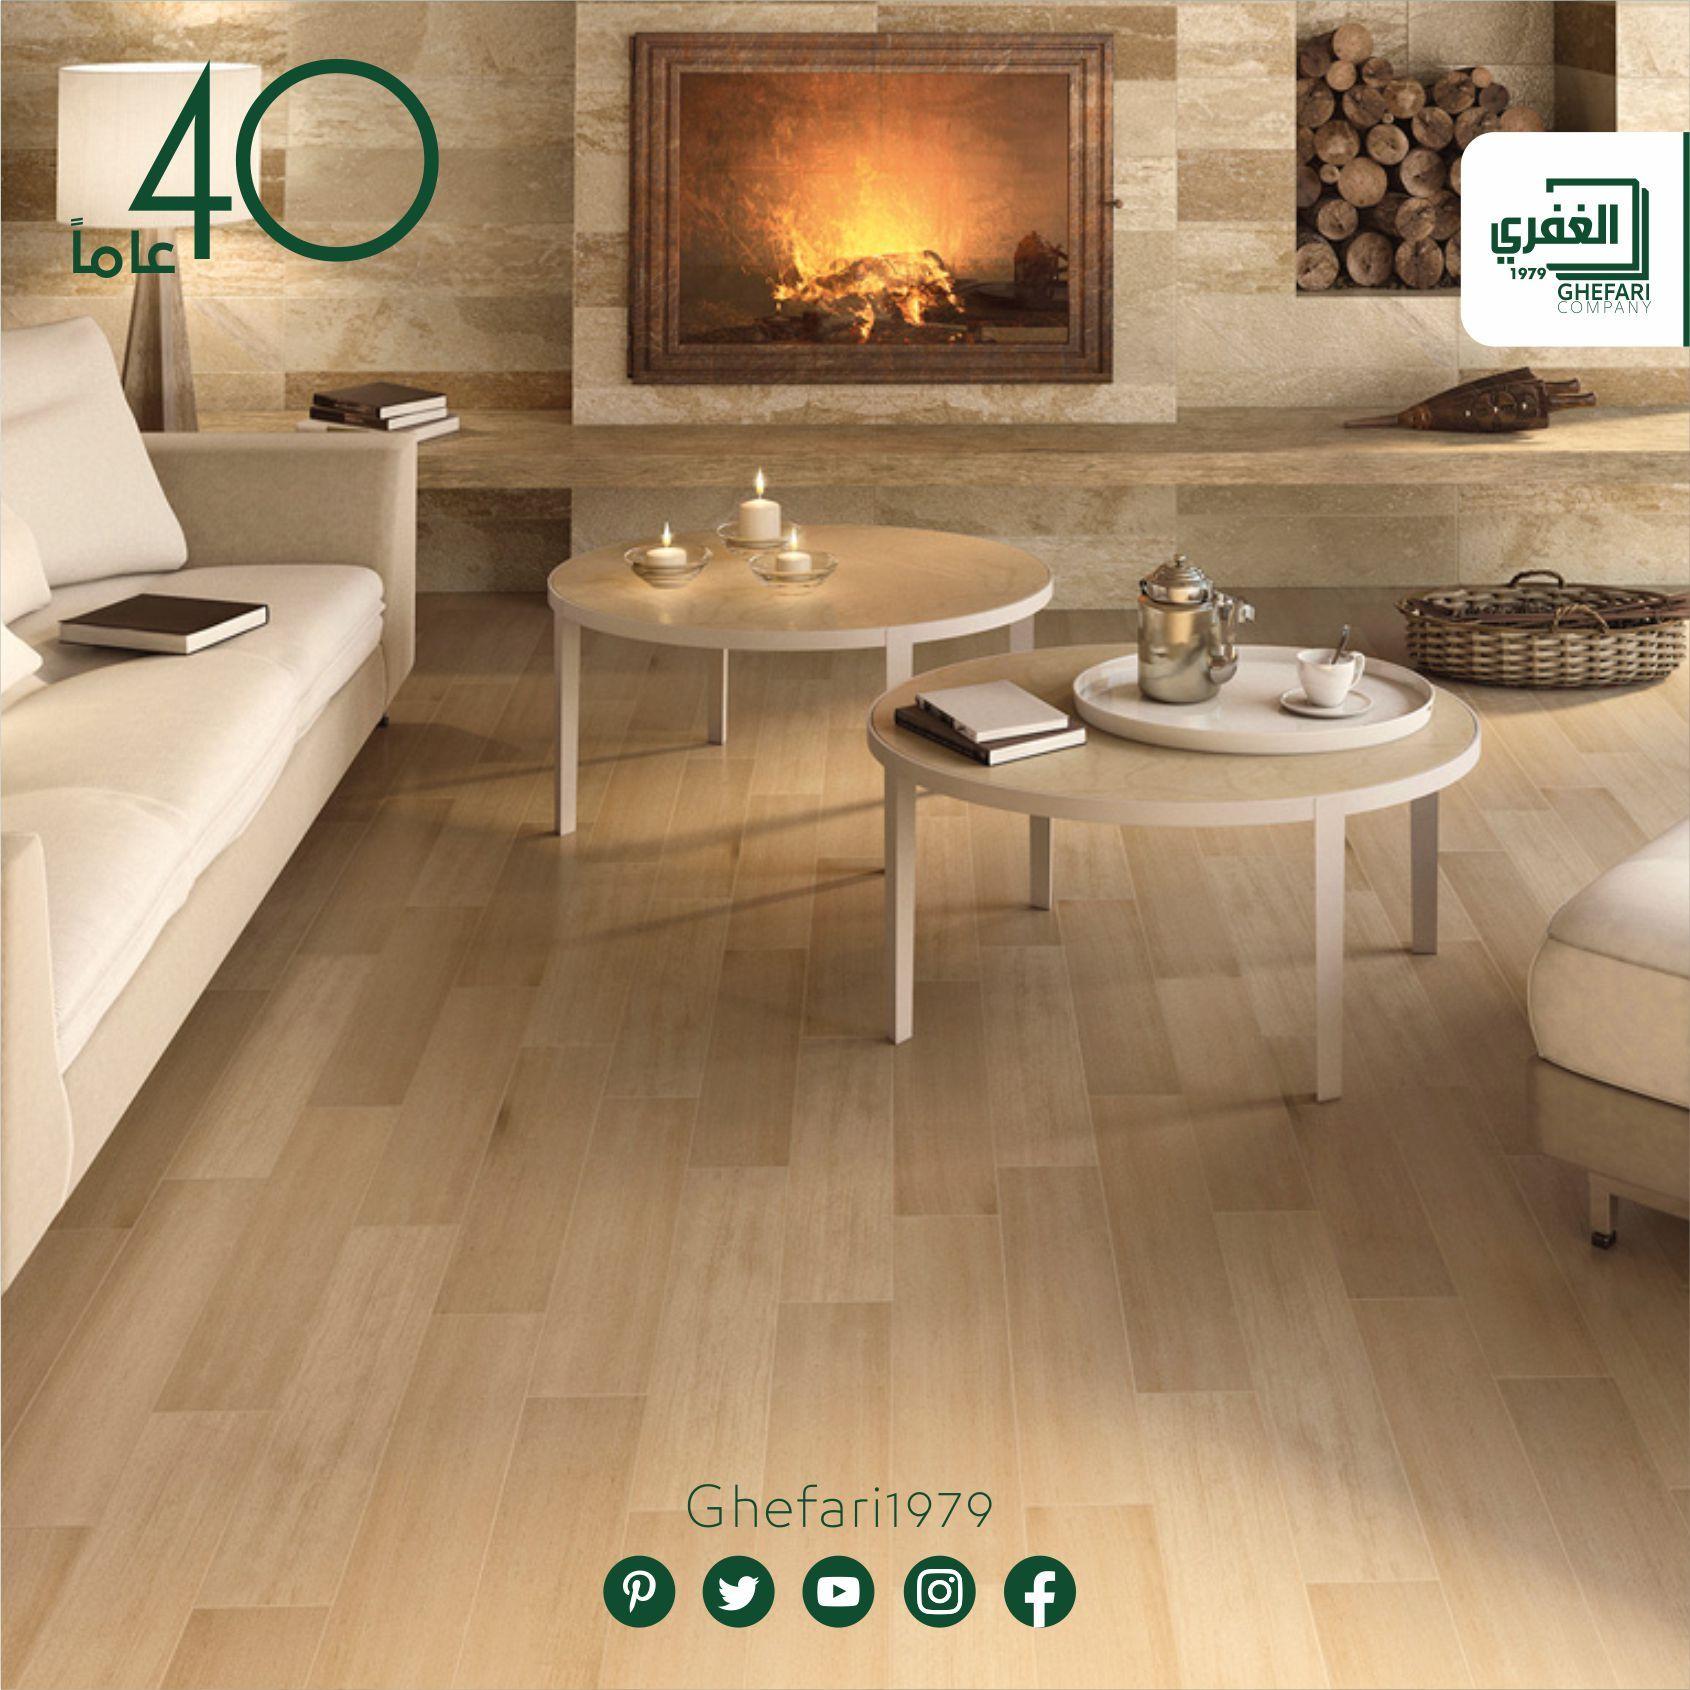 باركيه بورسلان مقاس 15x60 اسباني الصنع موديلات 2020 2019 للمزيد زورونا على موقع الشركة Www Ghefari Com الرقم المجاني Coffee Table Home Decor Furniture